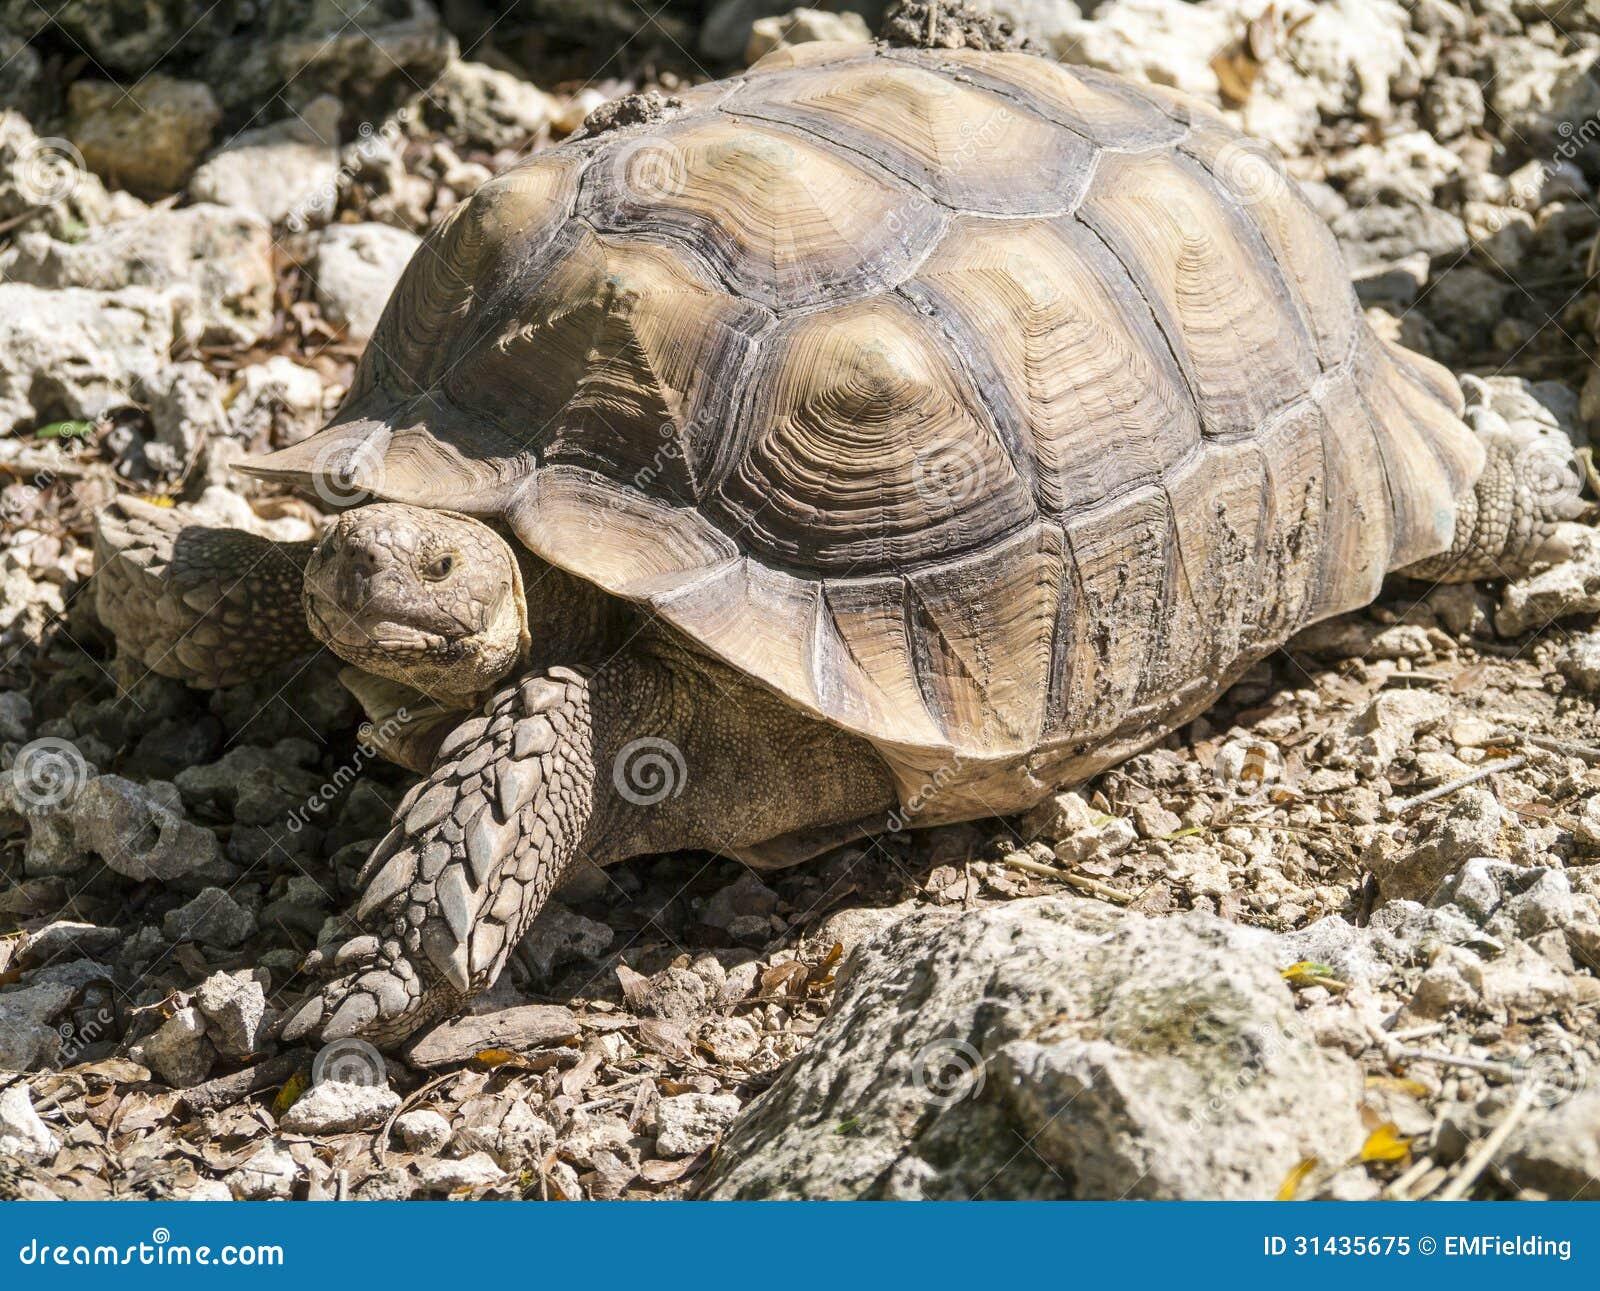 Tortoise Royalty Free Stock Photo - Image: 31435675